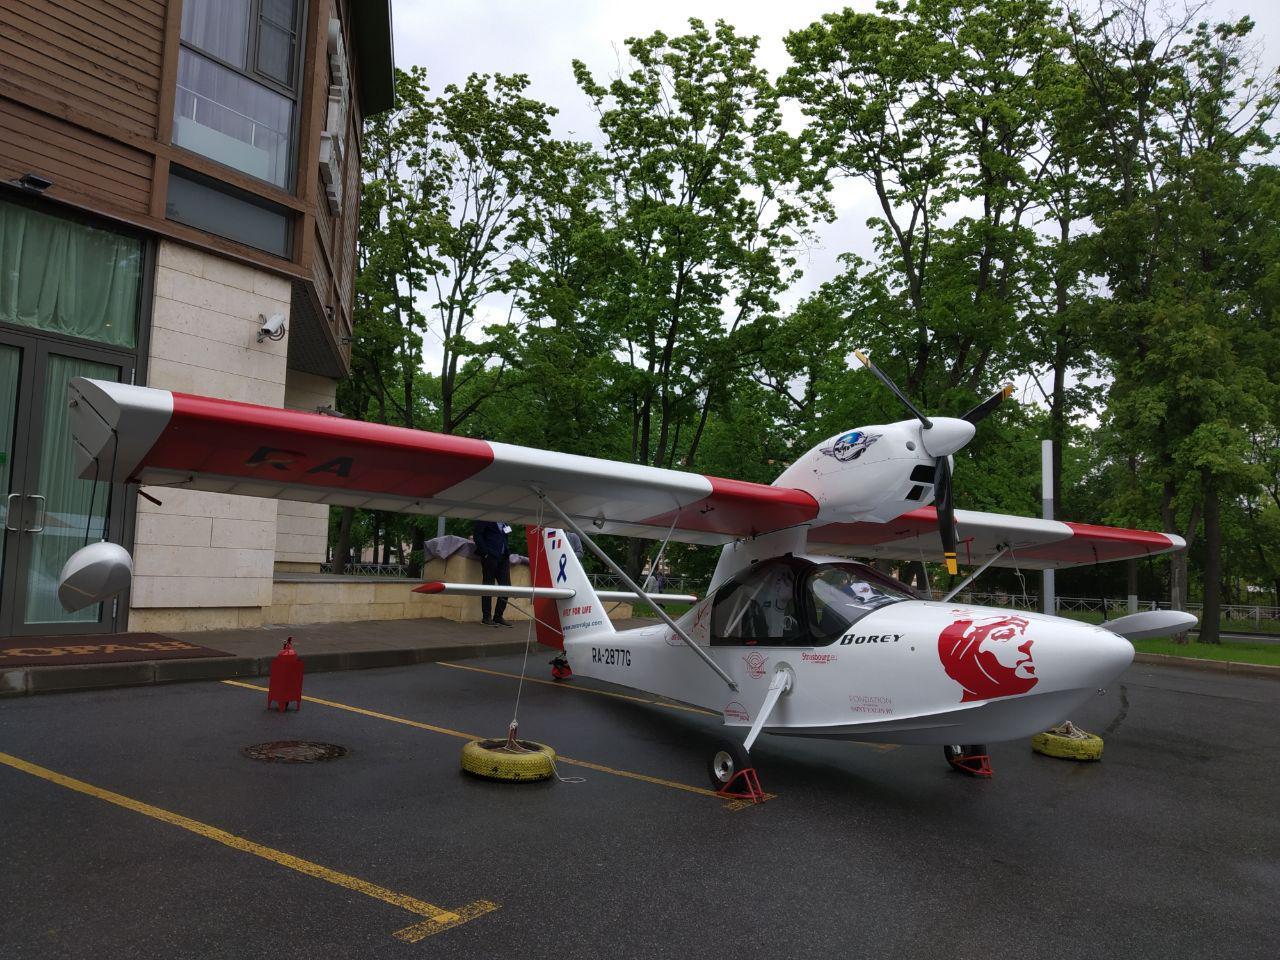 Самолет BOREY полностью спроектирован в КОМПАС-3D, включая теоретический чертеж и обводы корпуса